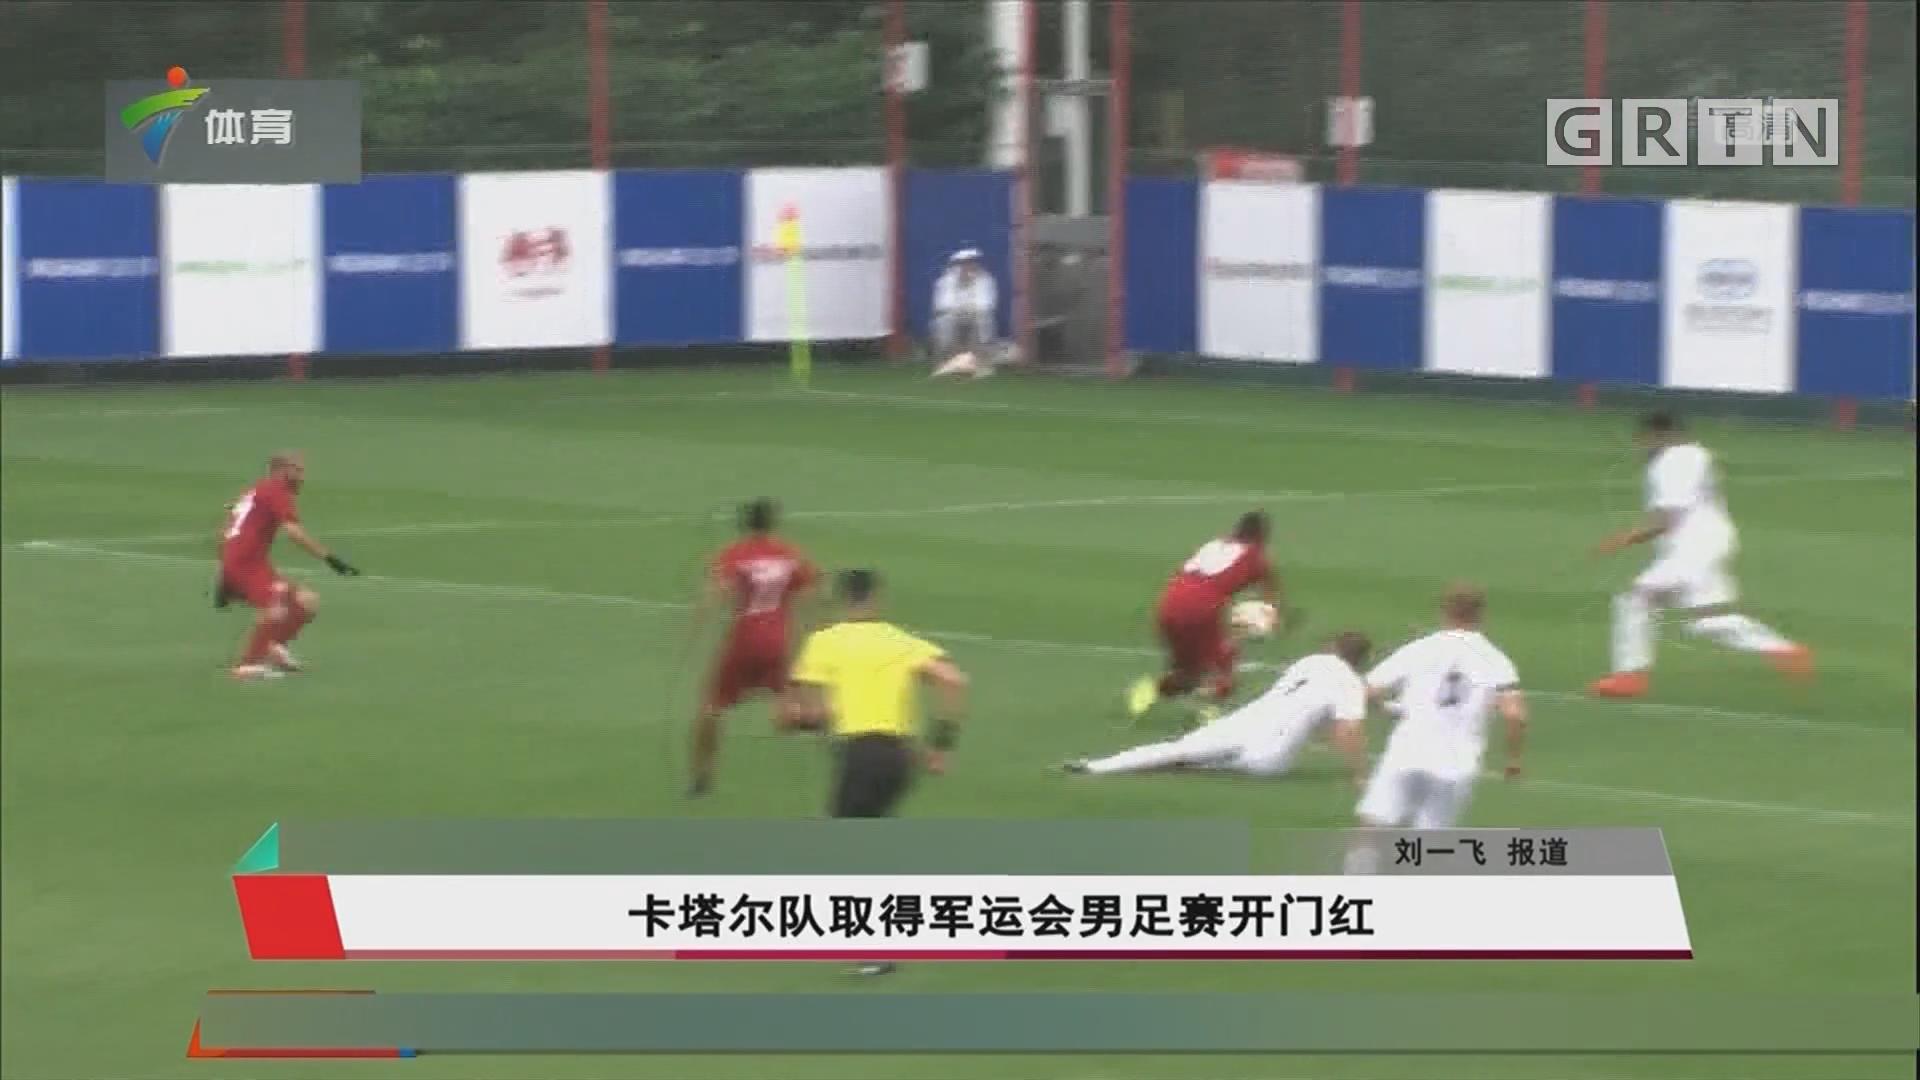 卡塔尔队取得军运会男足赛开门红